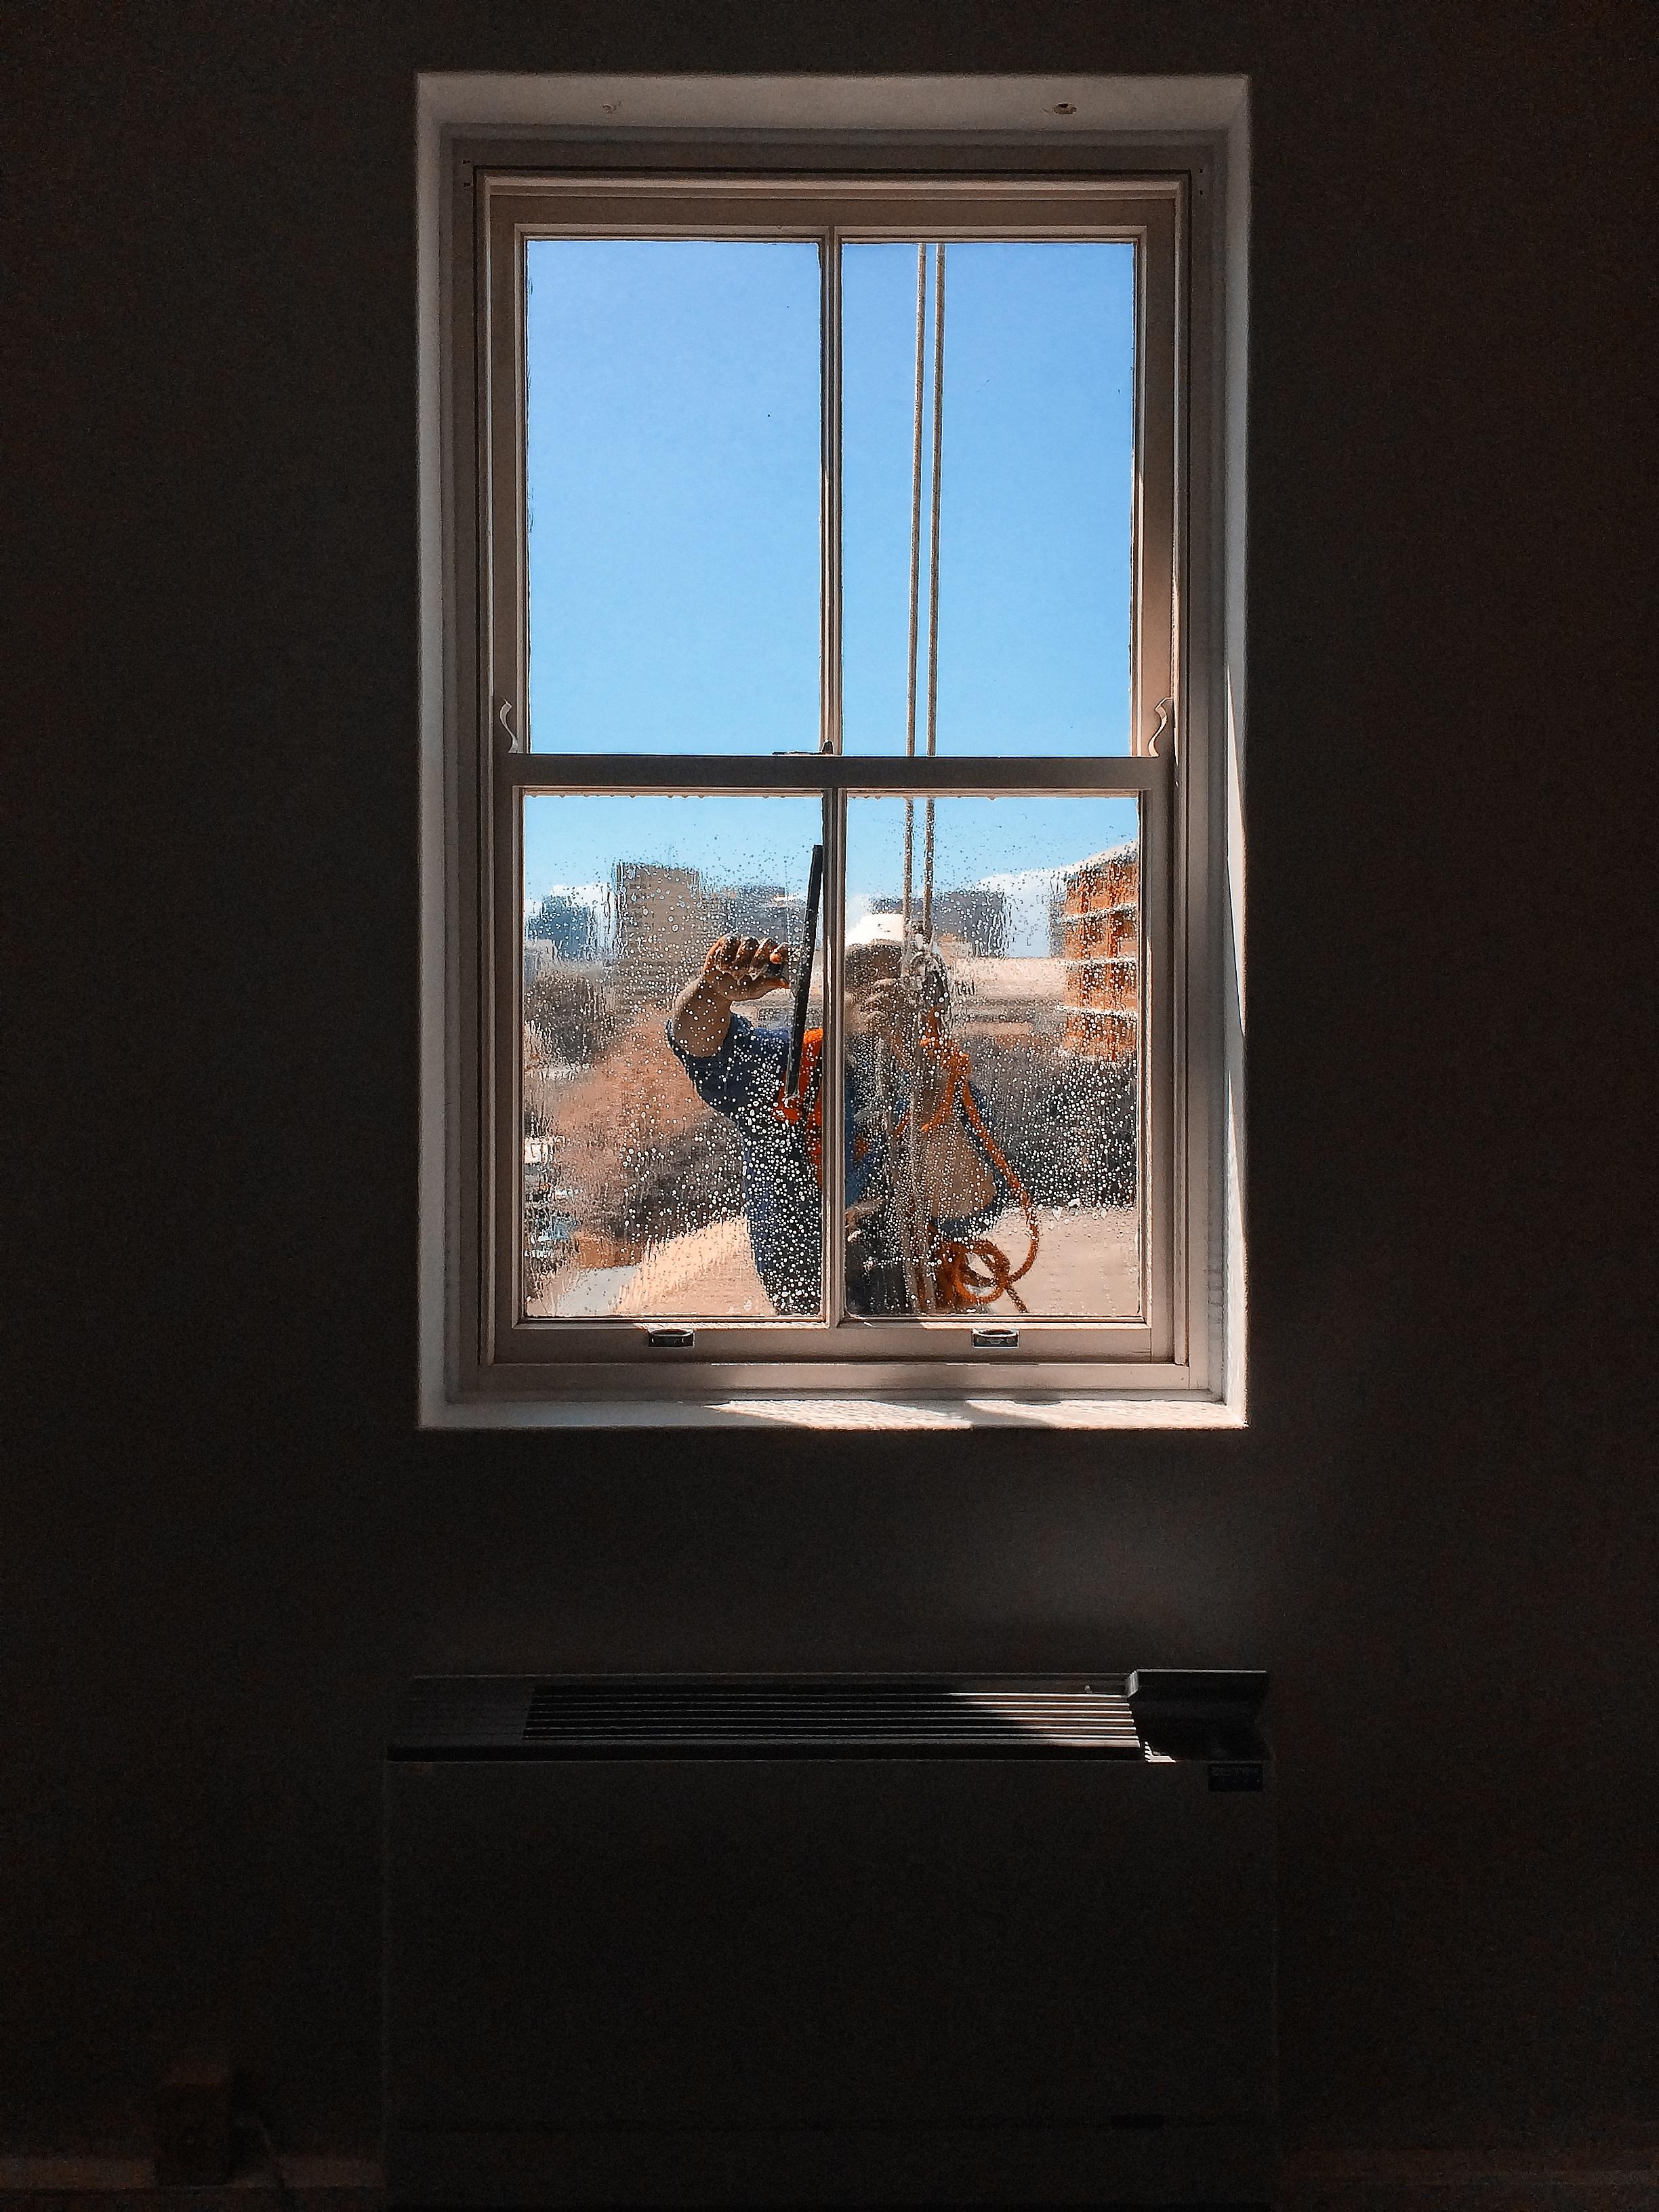 Images gratuites bois verre bâtiment maison mur mâle bureau salon entreprise chambre design dintérieur cadre un service machine à laver